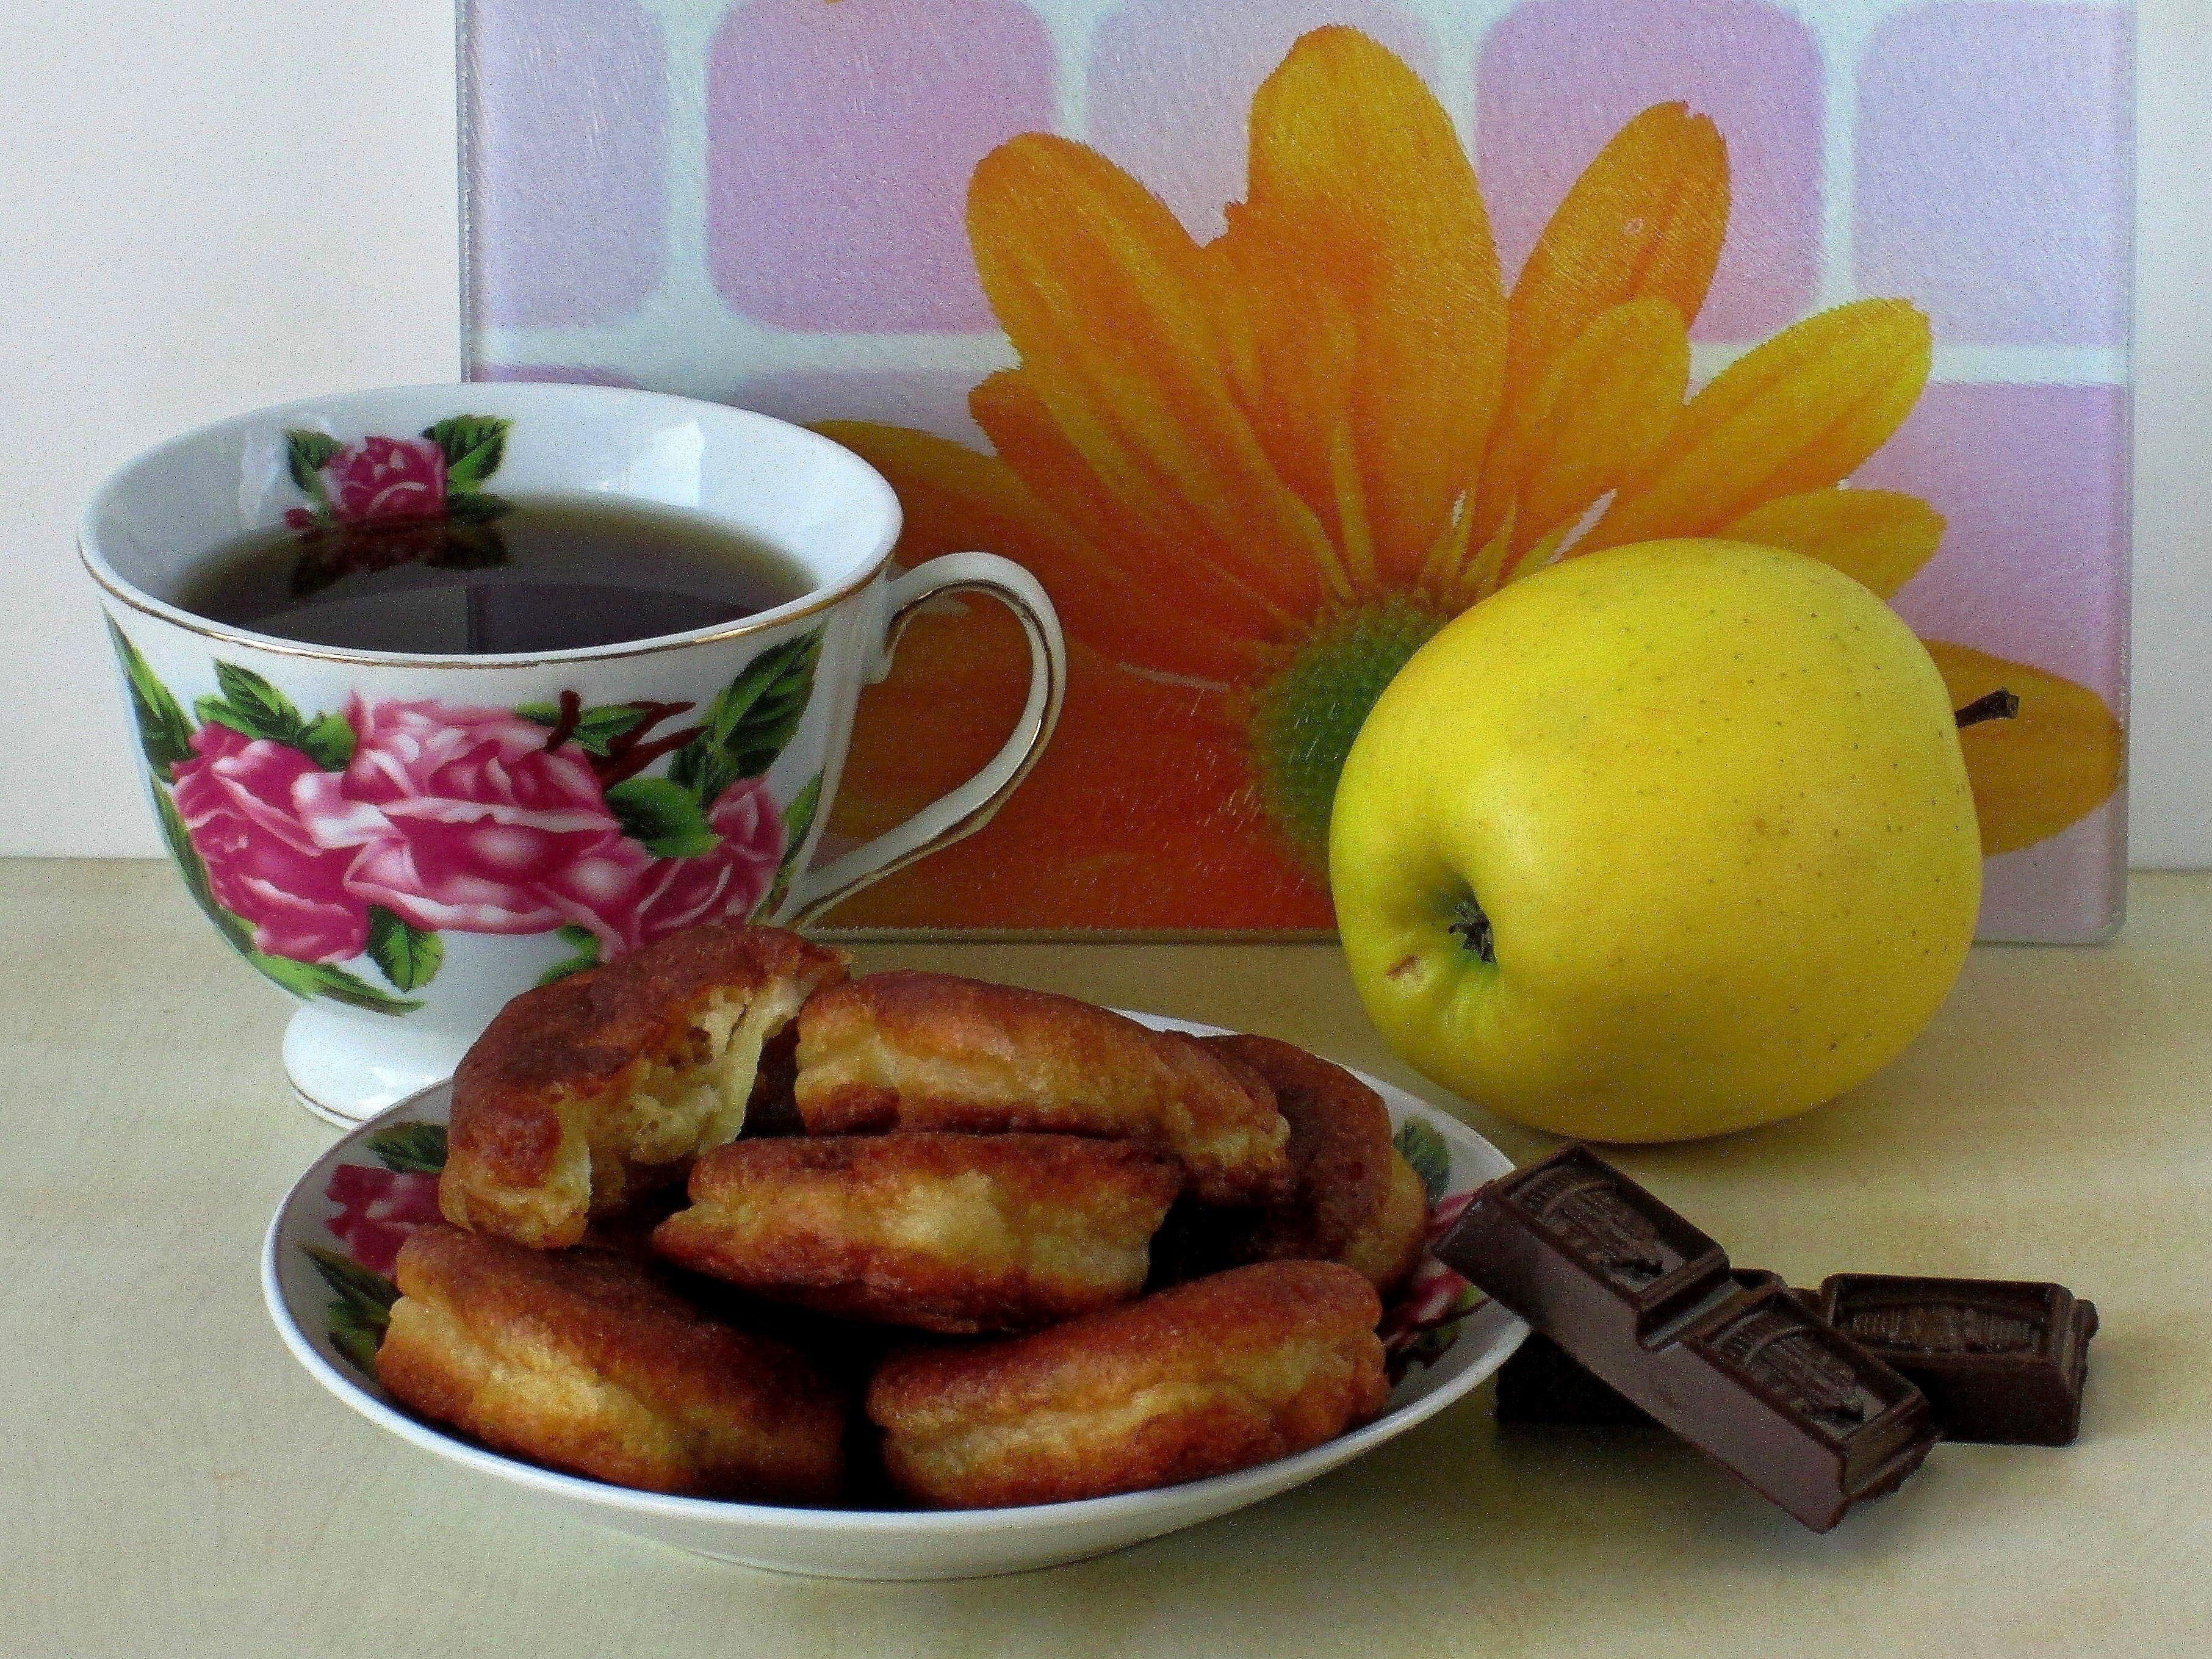 чай с оладьями картинки уверенно следы